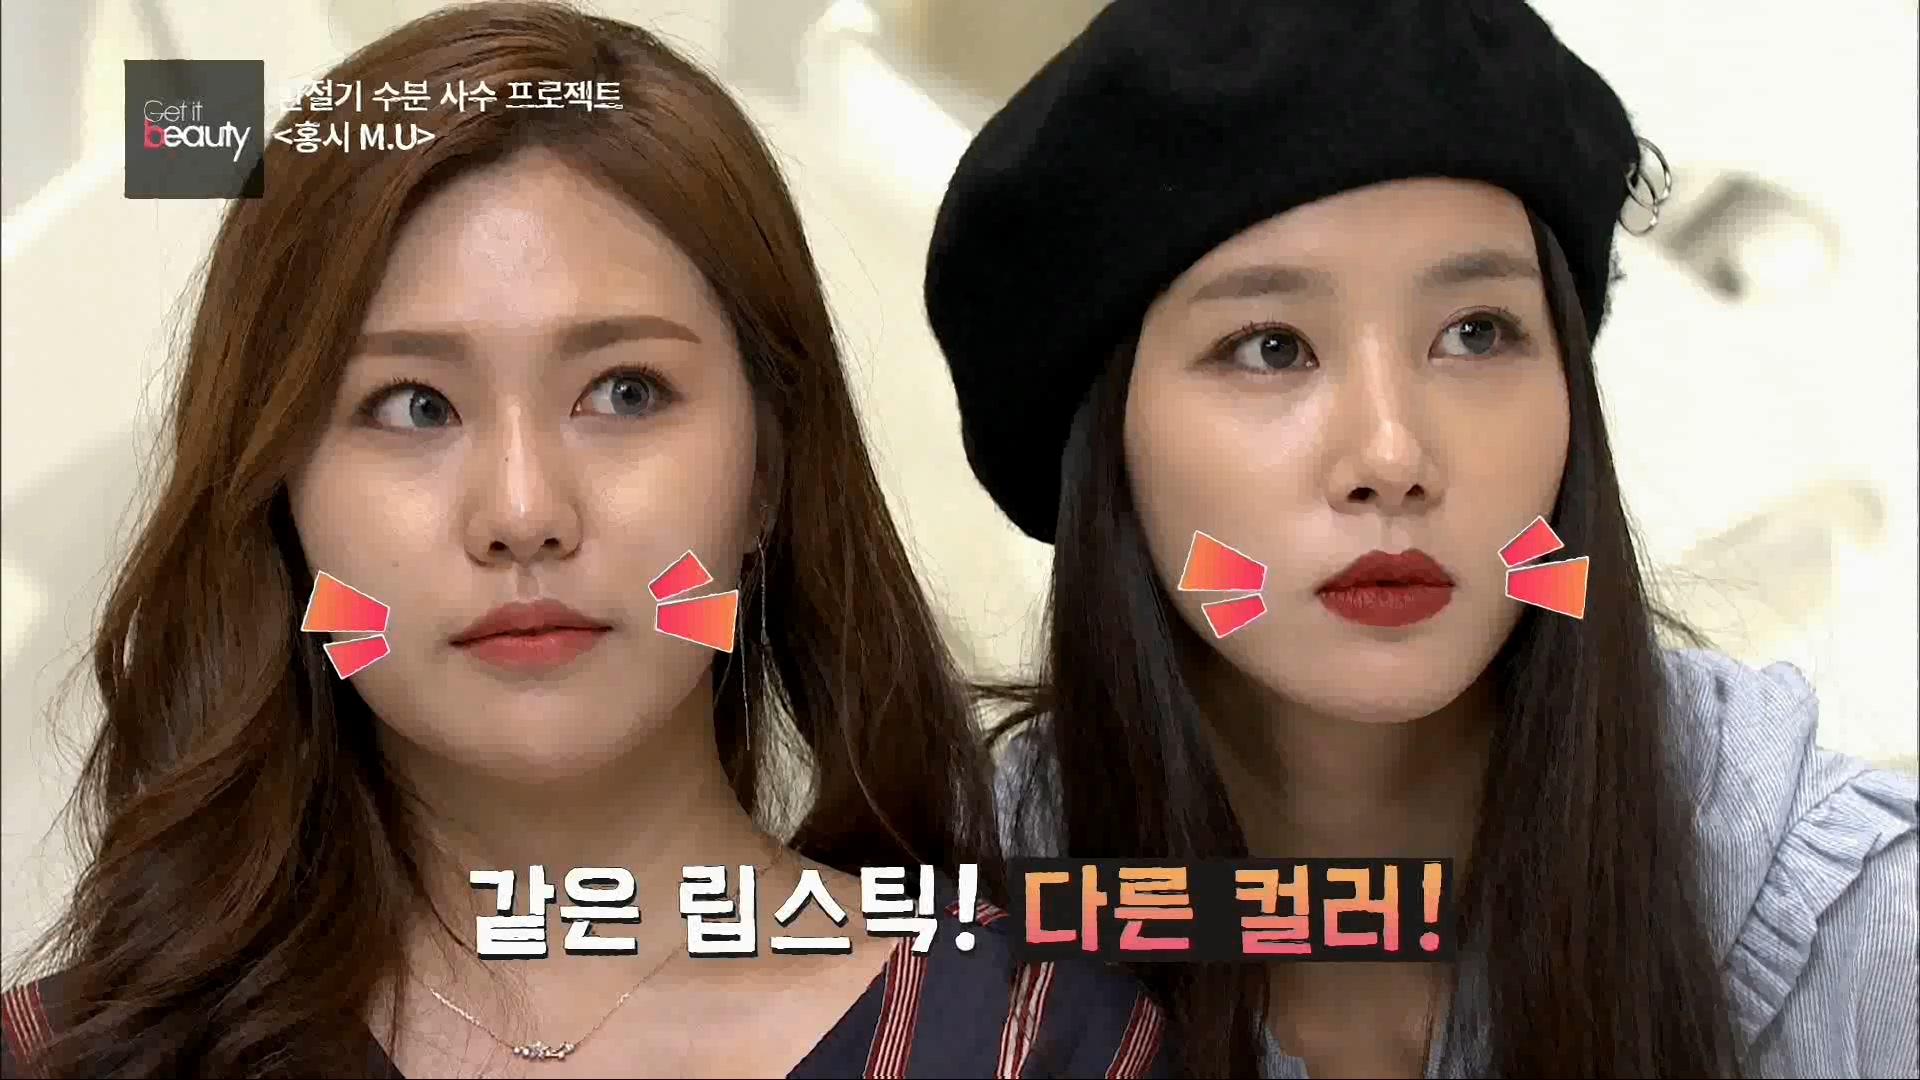 Ⅱ.환절기 수분 사수 프로젝트 홍시 메이크업